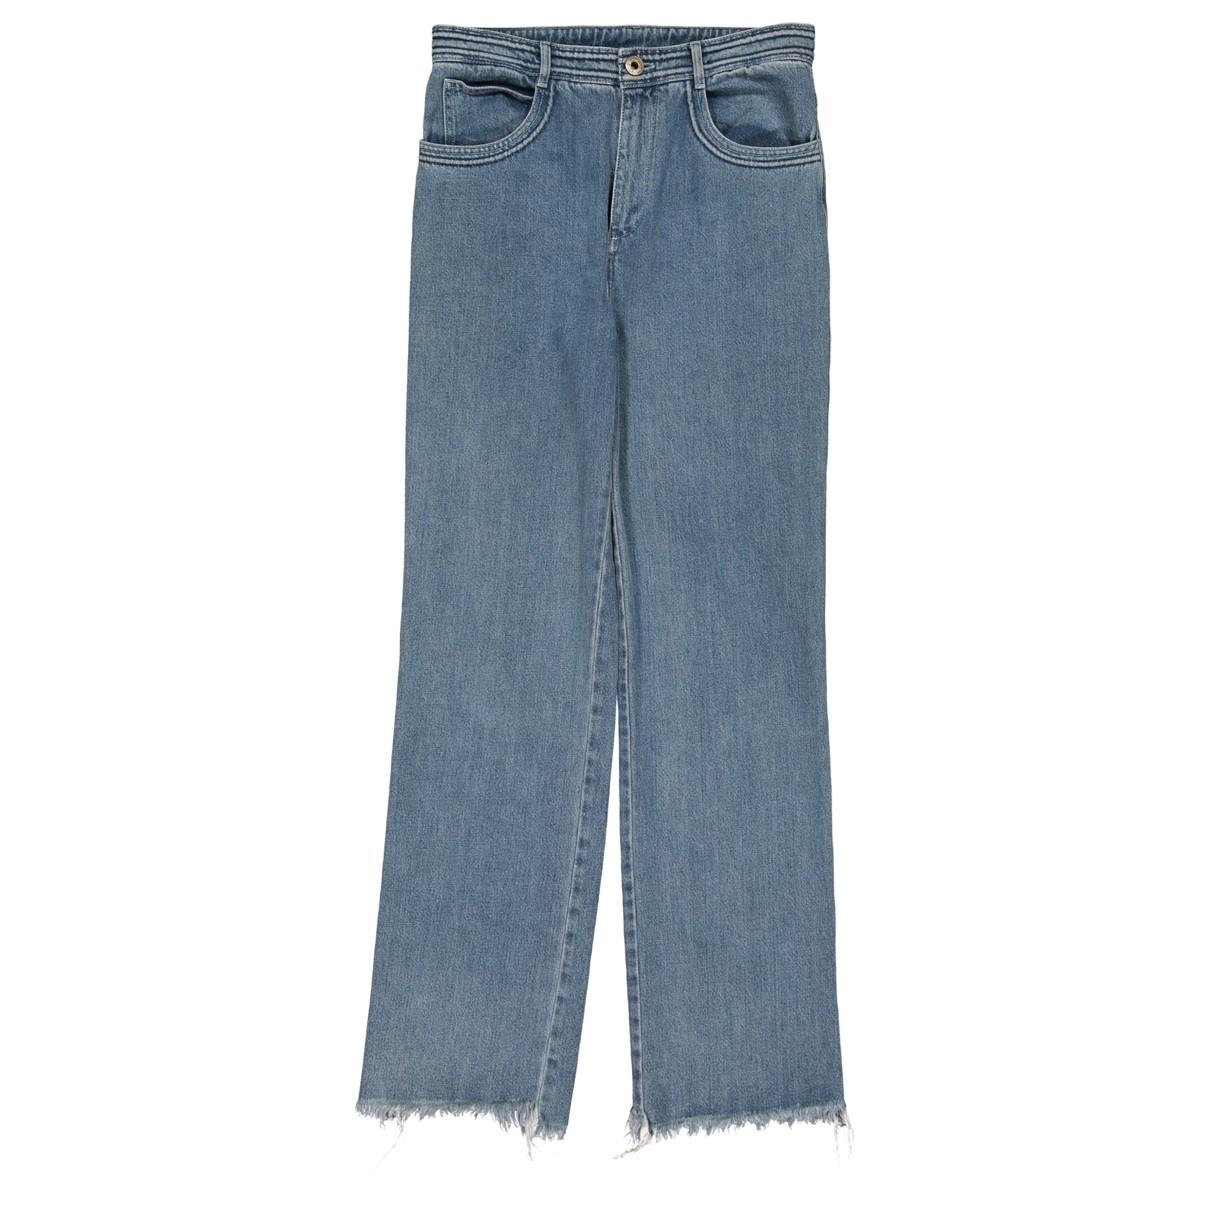 Chloé \N Blue Cotton Jeans for Women 36 FR